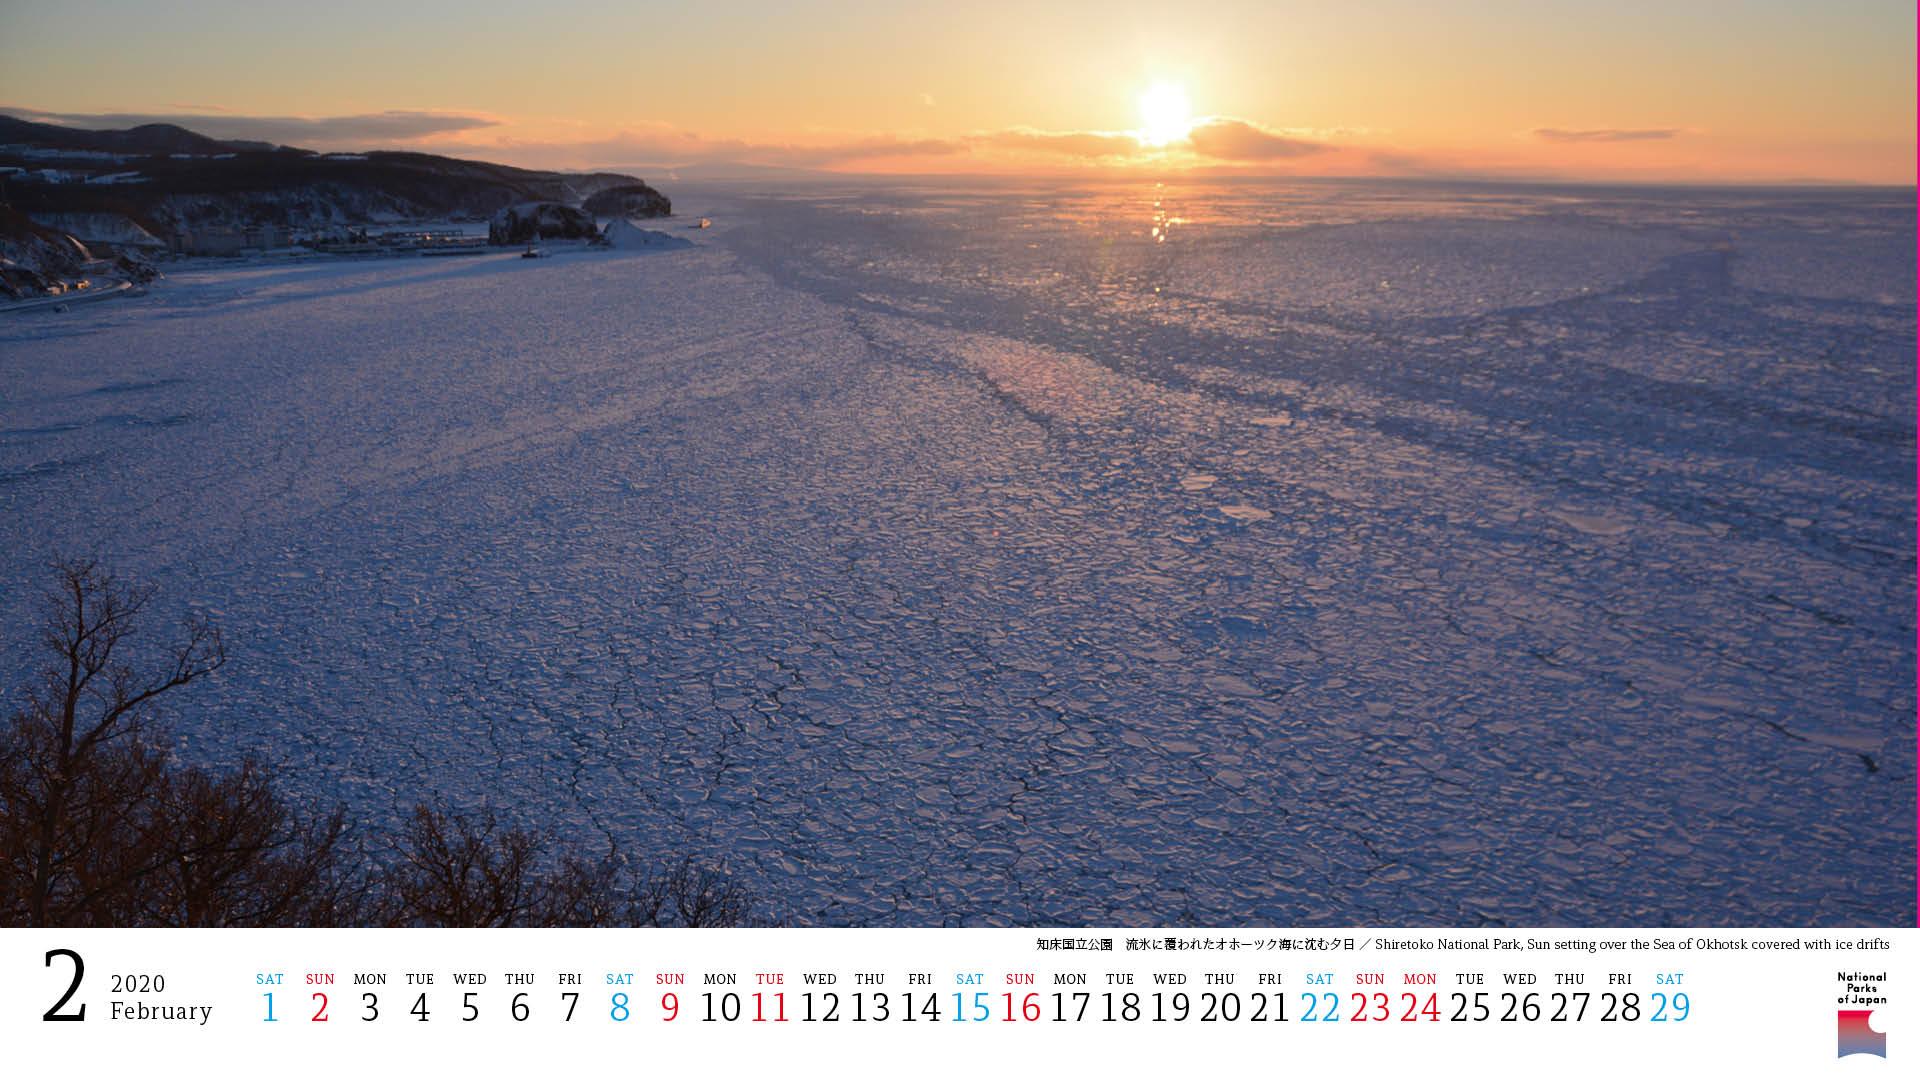 環境省 国立公園 法令 各種資料 2020年国立公園カレンダー 2020